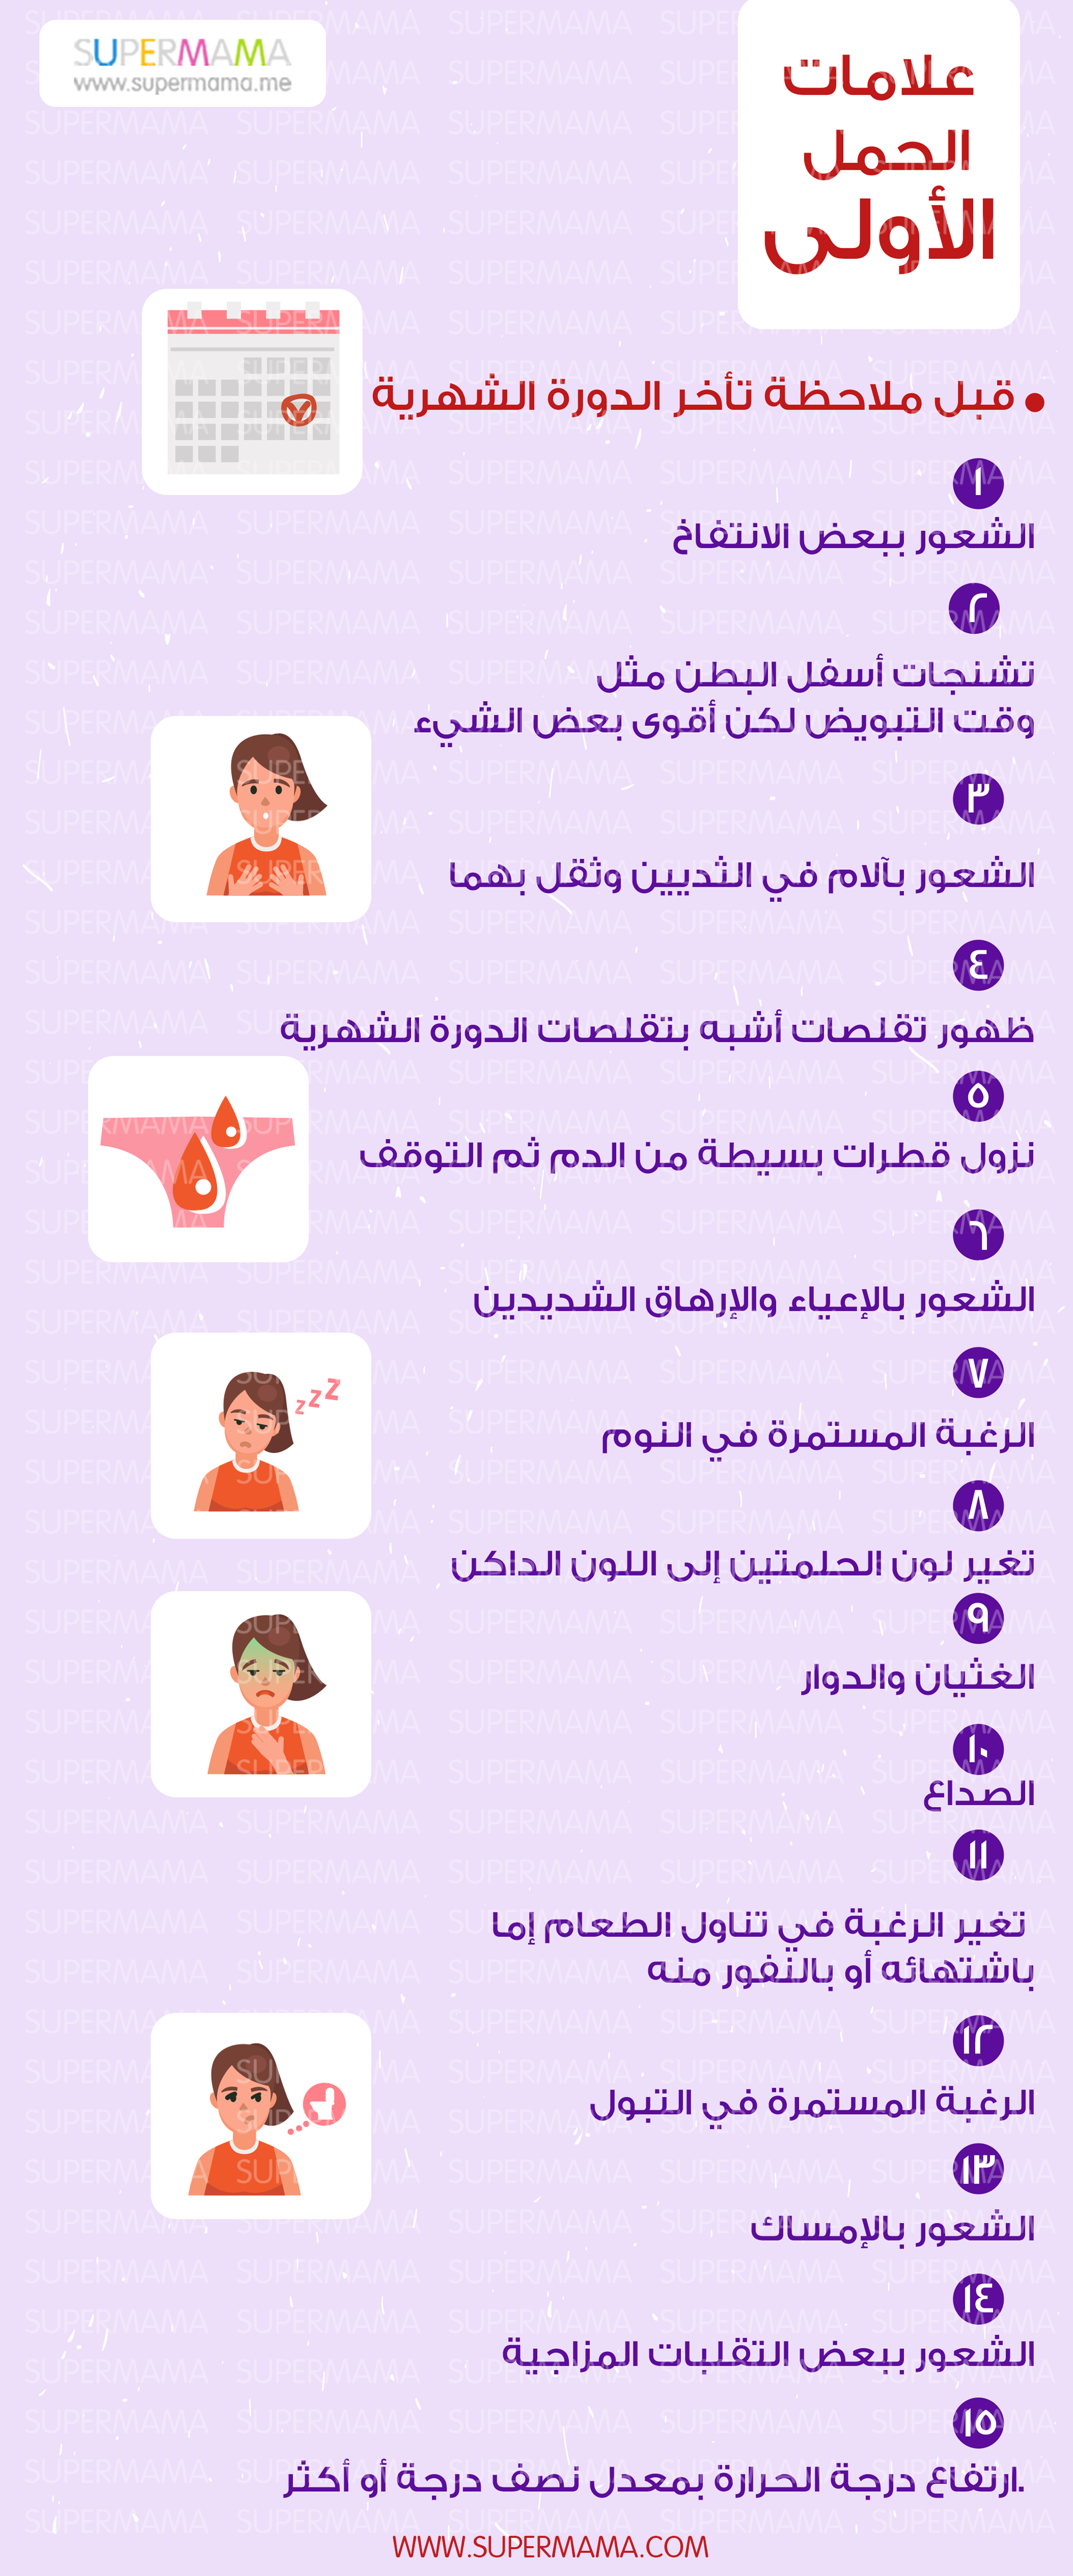 45e2ddcf0 أعراض الحمل وعلاماته بالتفصيل منذ الأسبوع الأول | سوبر ماما